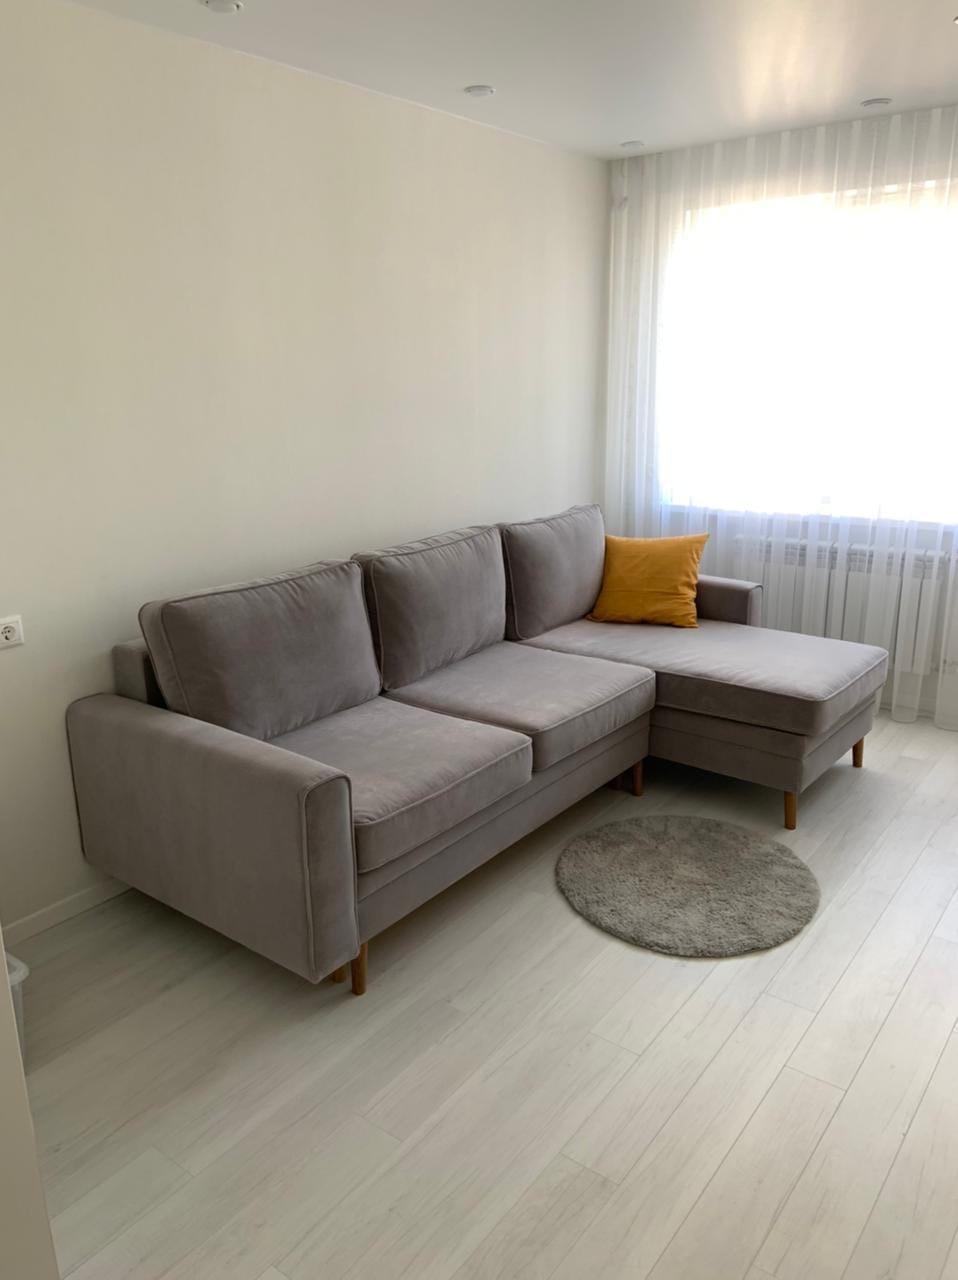 """Пантограф, он же «тик-так»- механизм трансформации диванов, который при раскладывании позволяет избегать механического взаимодействия с напольным покрытием. Чтобы разложить диван, приподнимите сиденье и потяните на себя – словно шагая вперед, оно примет необходимое положение. Достоинства """"Пантографа""""➕ ❕Диваны с """"Пантографом"""" имеют комфортное ровное место для сна. ❕Механизм легко раскладываются. ❕Диван содержит нишу - ящик для хранения белья Недостатки """"Пантографа""""➖ ❕Механизм дорогой из-за этого и стоимость дивана становится более высокой. ❕Из-за широкого сидения сидеть на диване не удобно, не возможно опереться на спинку дивана поэтому нужно использовать дополнительные подушки Благодарим за внимание #пантограф #диванпантограф #угловойдиван #мягкаямебельназаказ #мягкаямебельворонеж"""